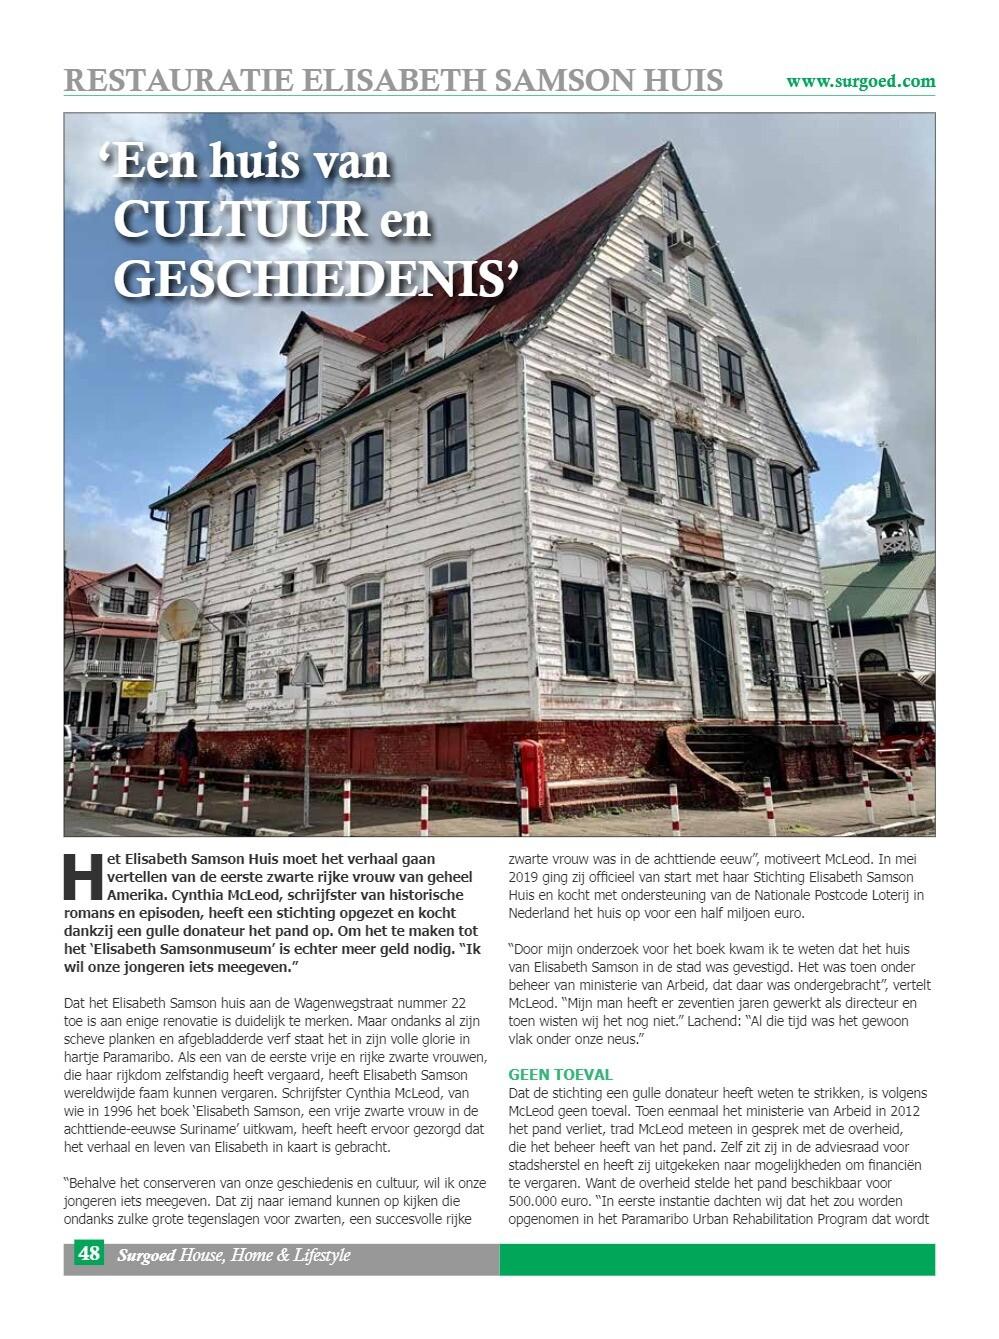 'Een huis van cultuur en geschiedenis'